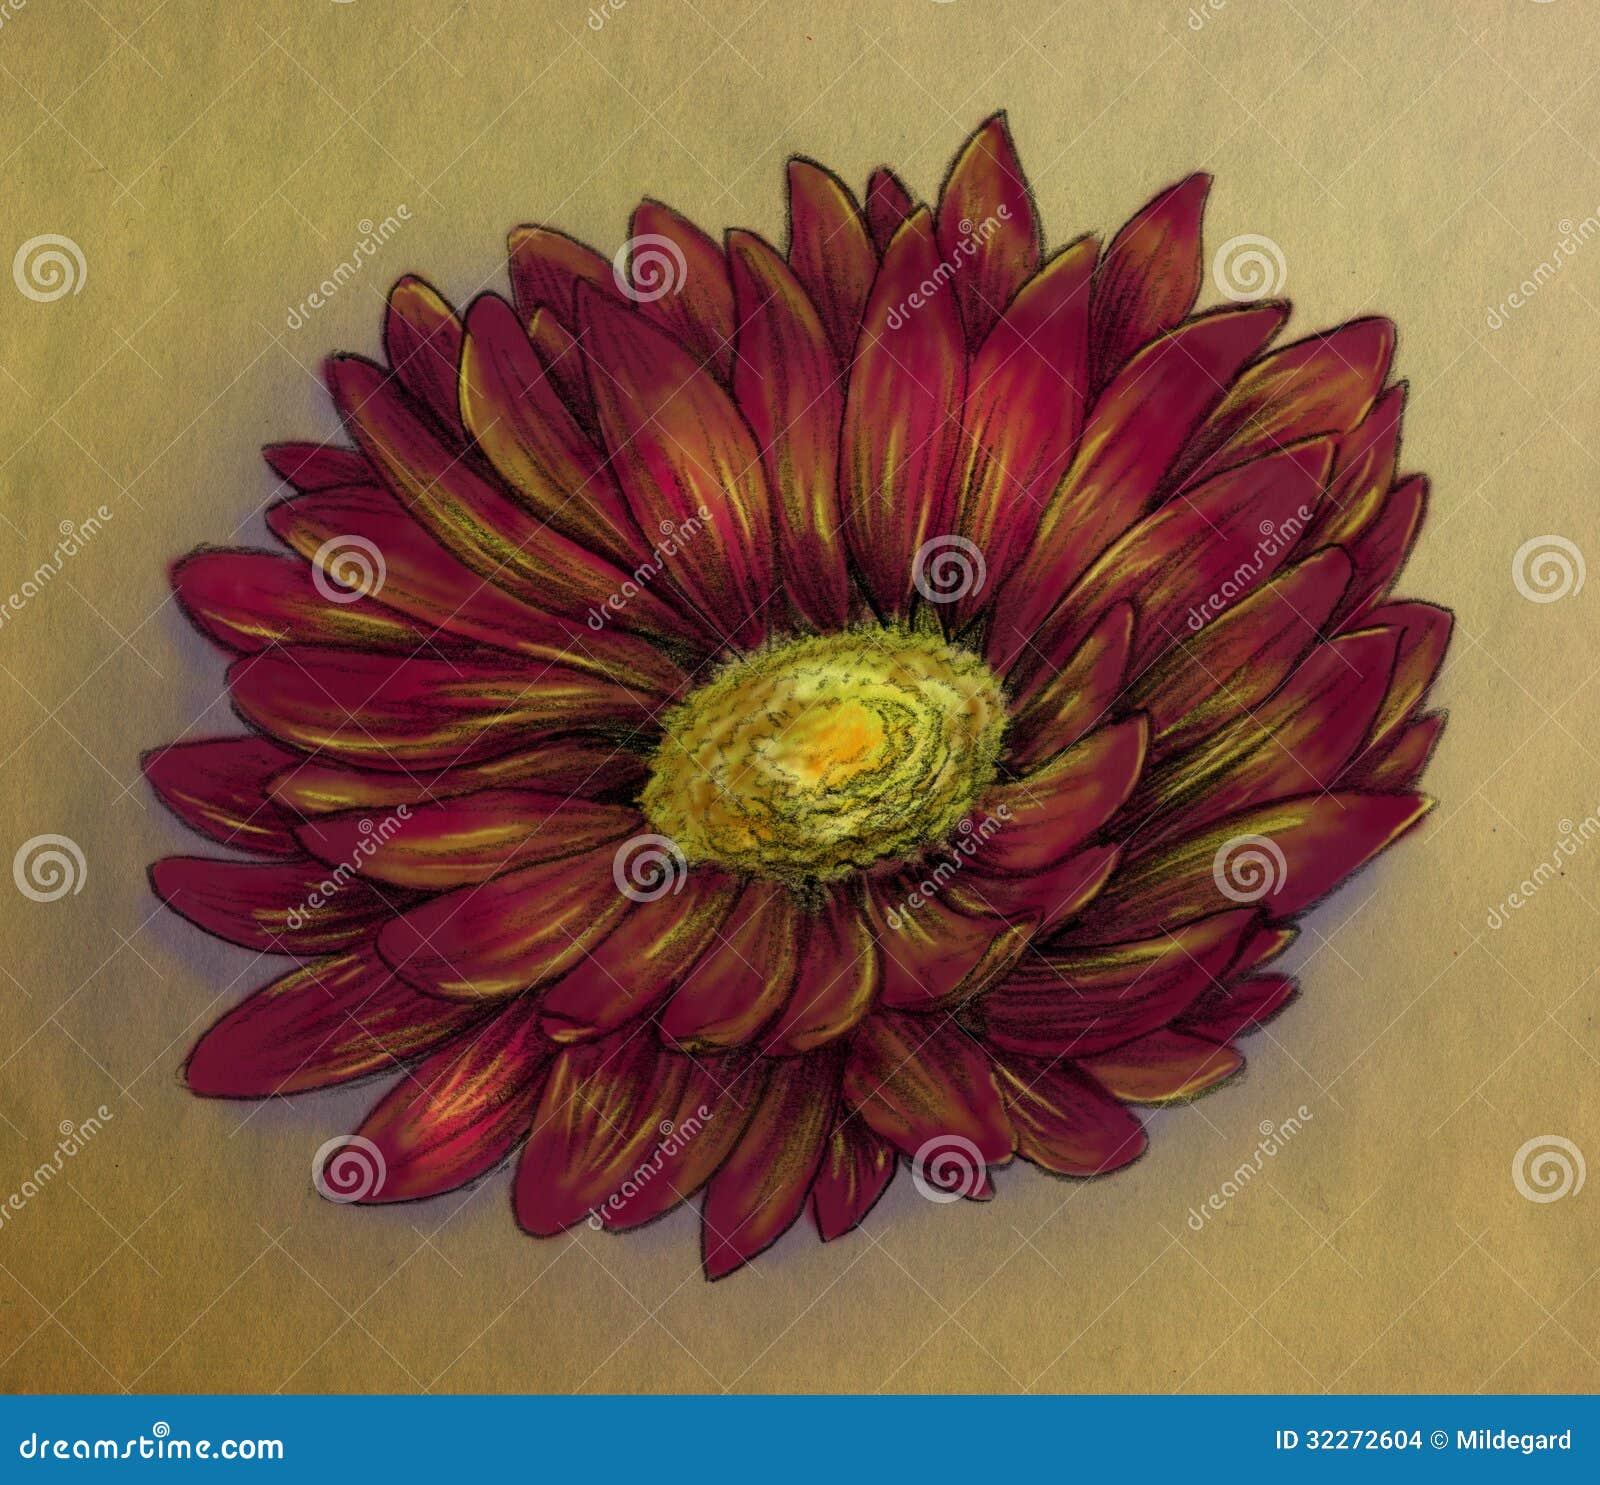 Daisy Flower Pencil Sketch Stock Photography | CartoonDealer.com ...